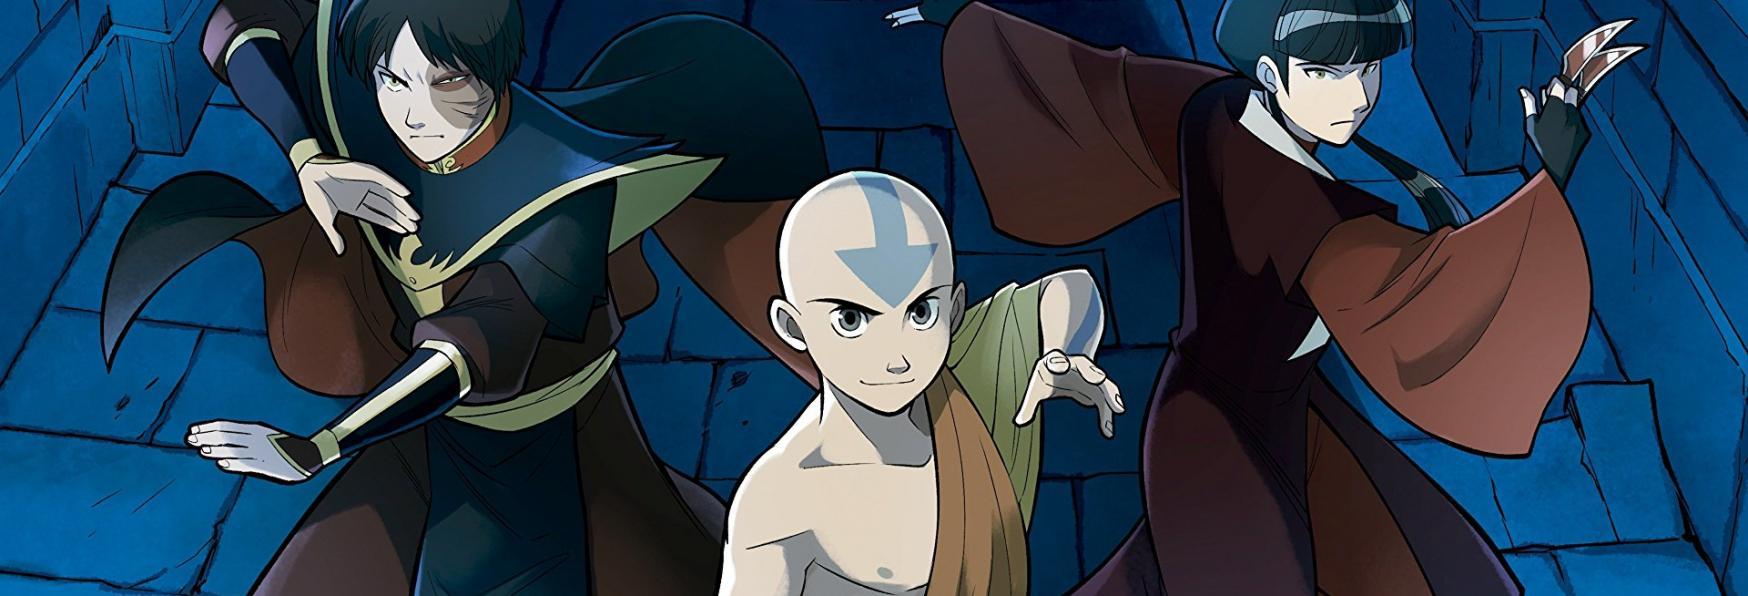 Avatar: The Last Airbender - Scoperto il Cast della nuova Serie TV Live-action di Netflix?